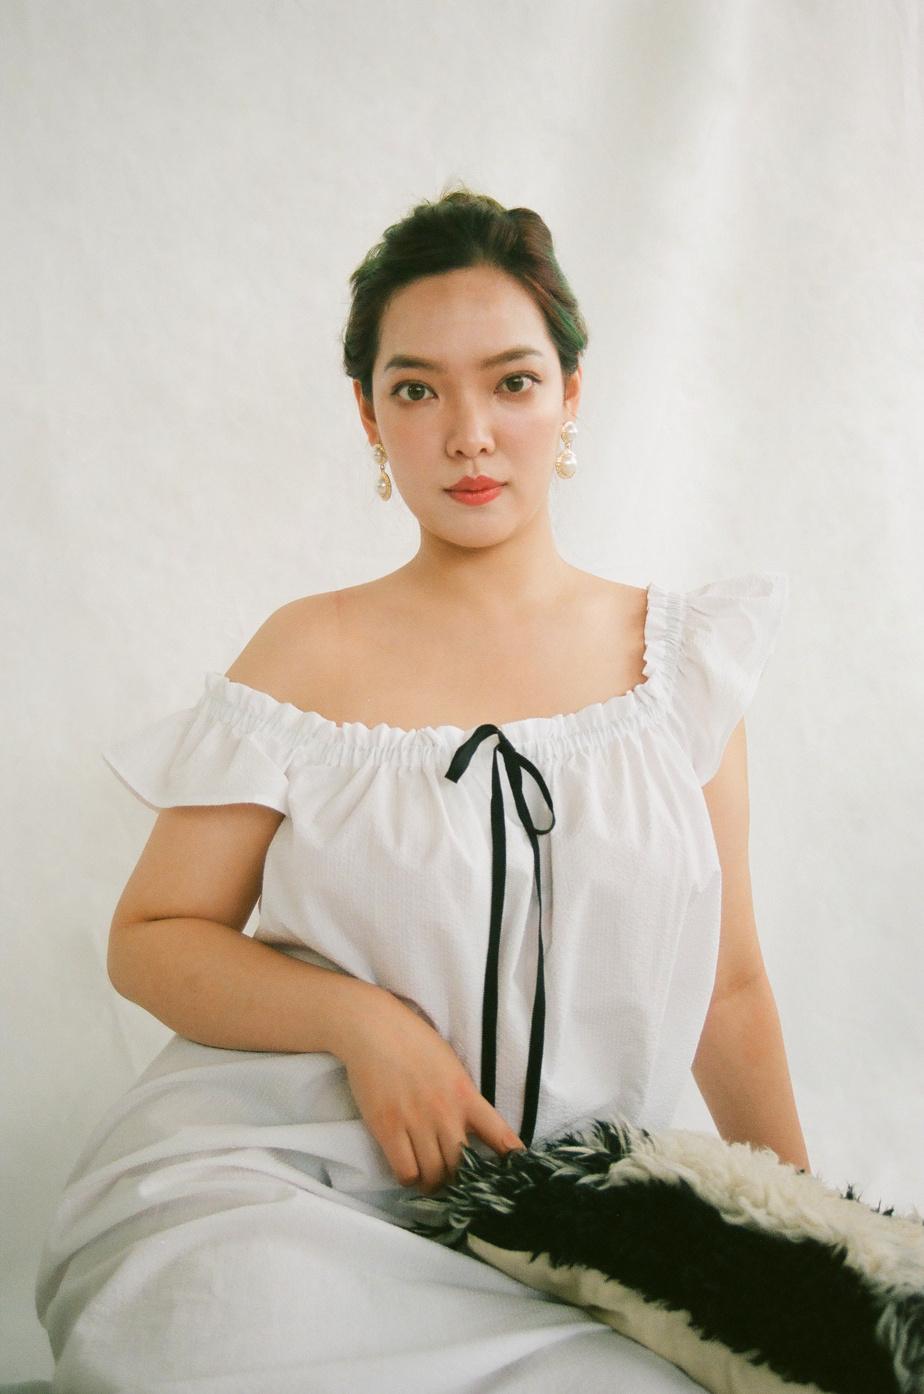 La Party Nightie d'Eliza Faulkner + The Sleep Shirt en coton blanc